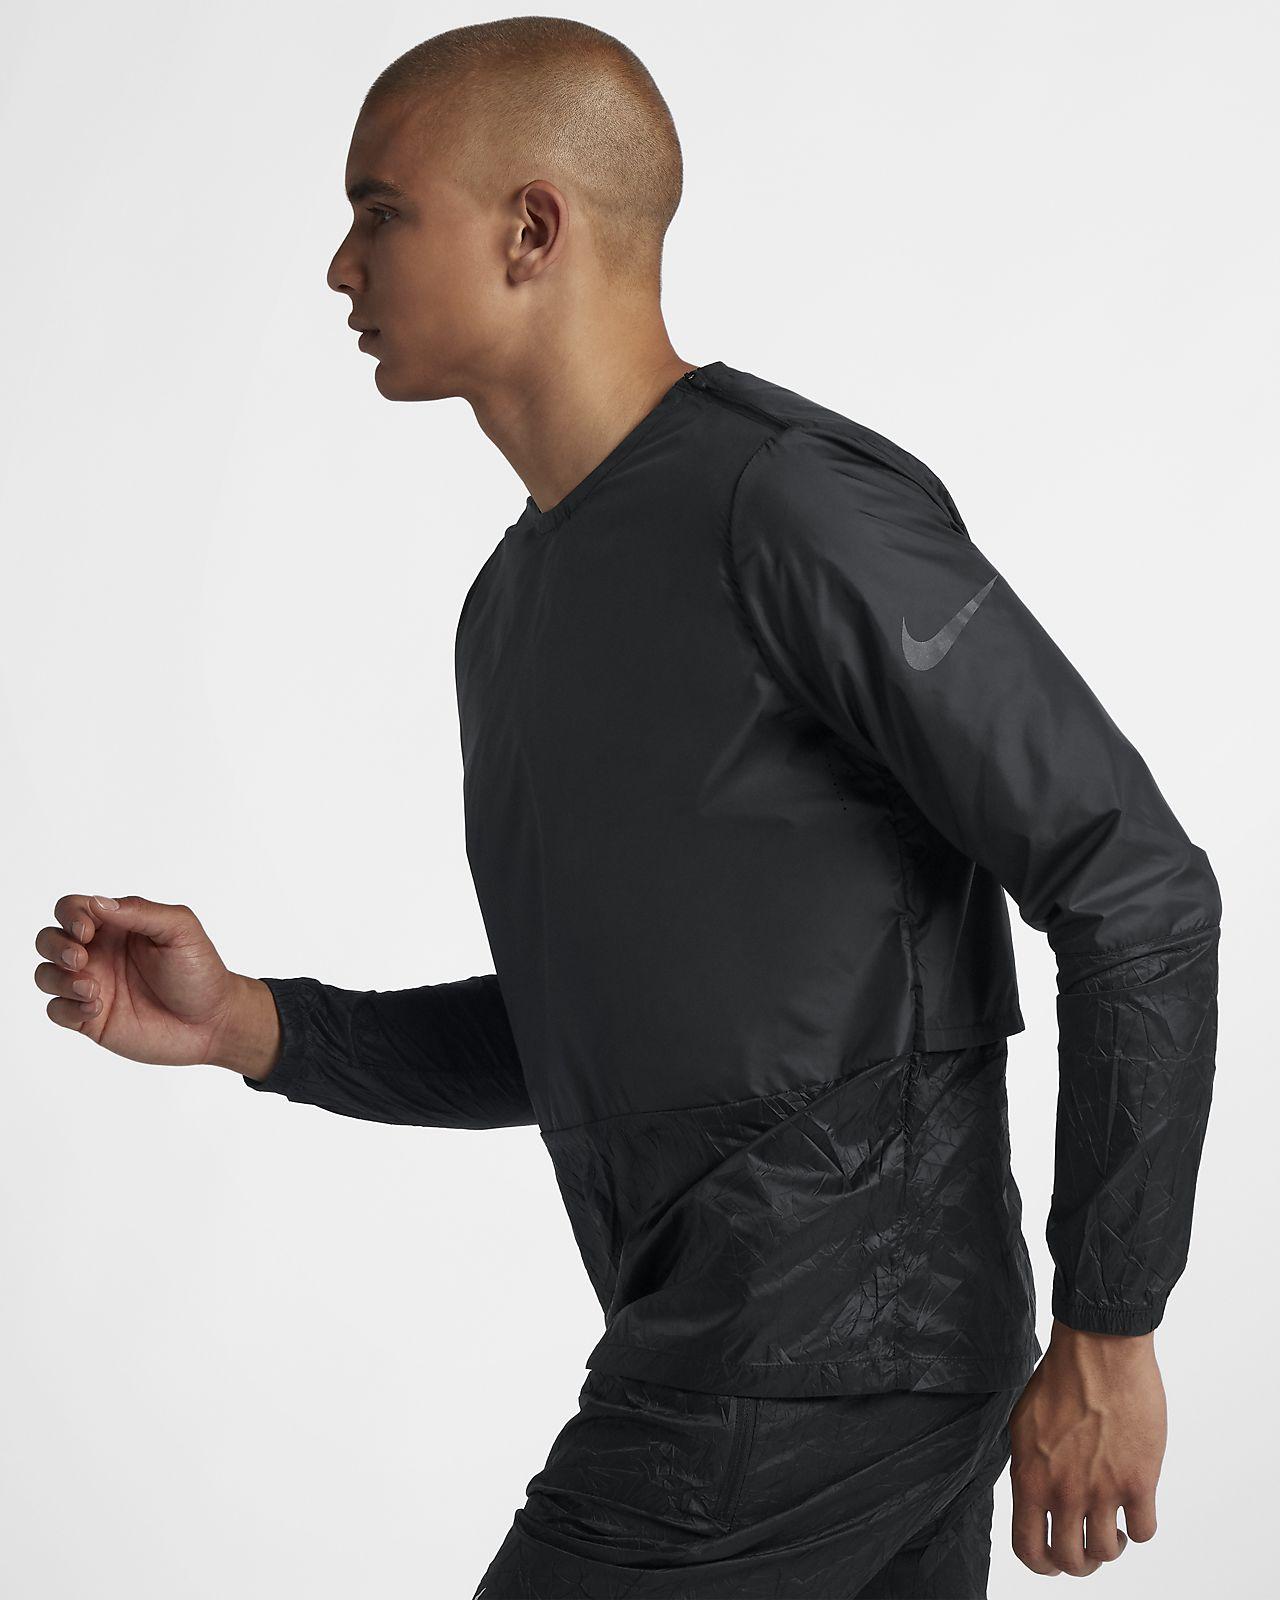 Nike-løbejakke med rund hals til mænd